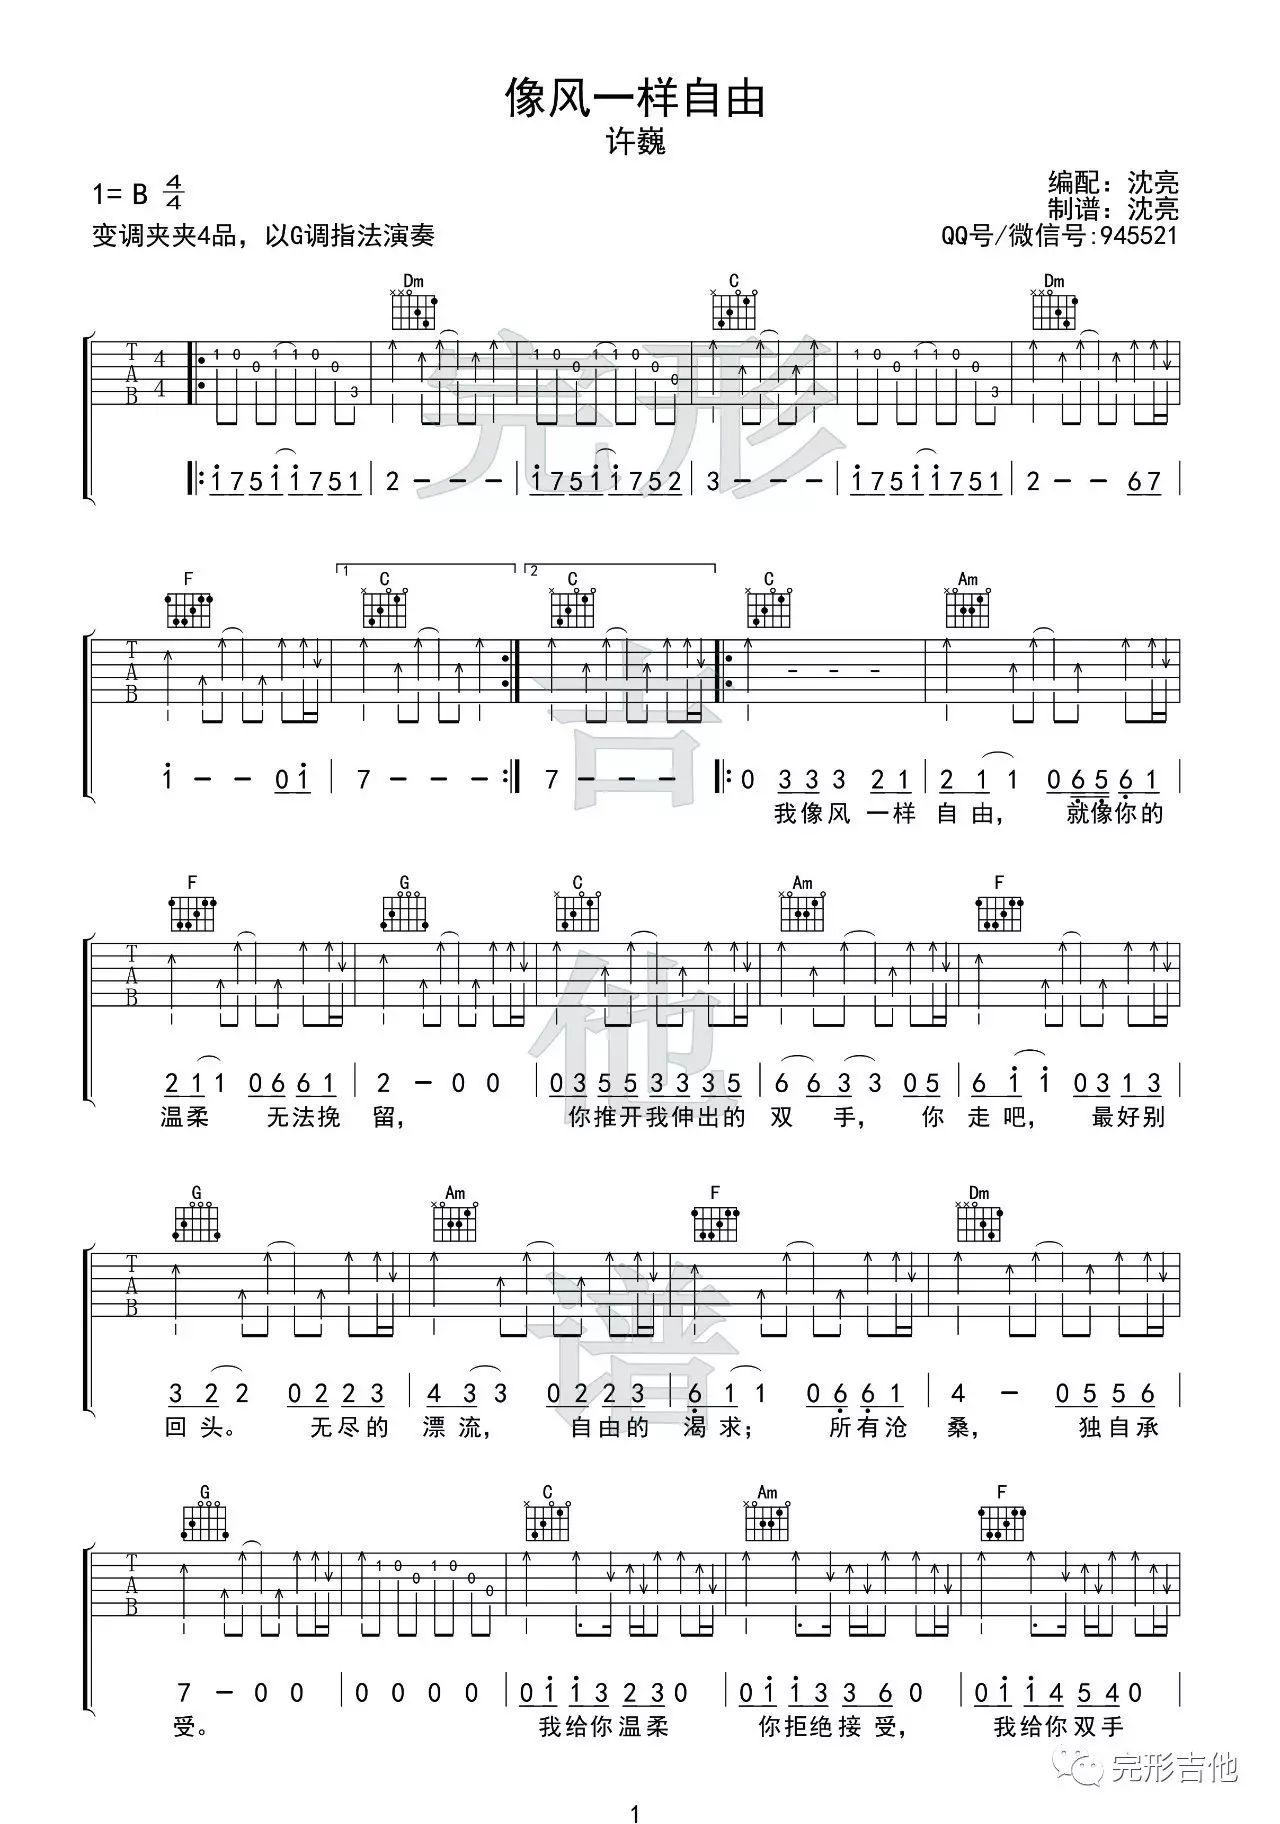 吉他派像风一样自由吉他谱-1